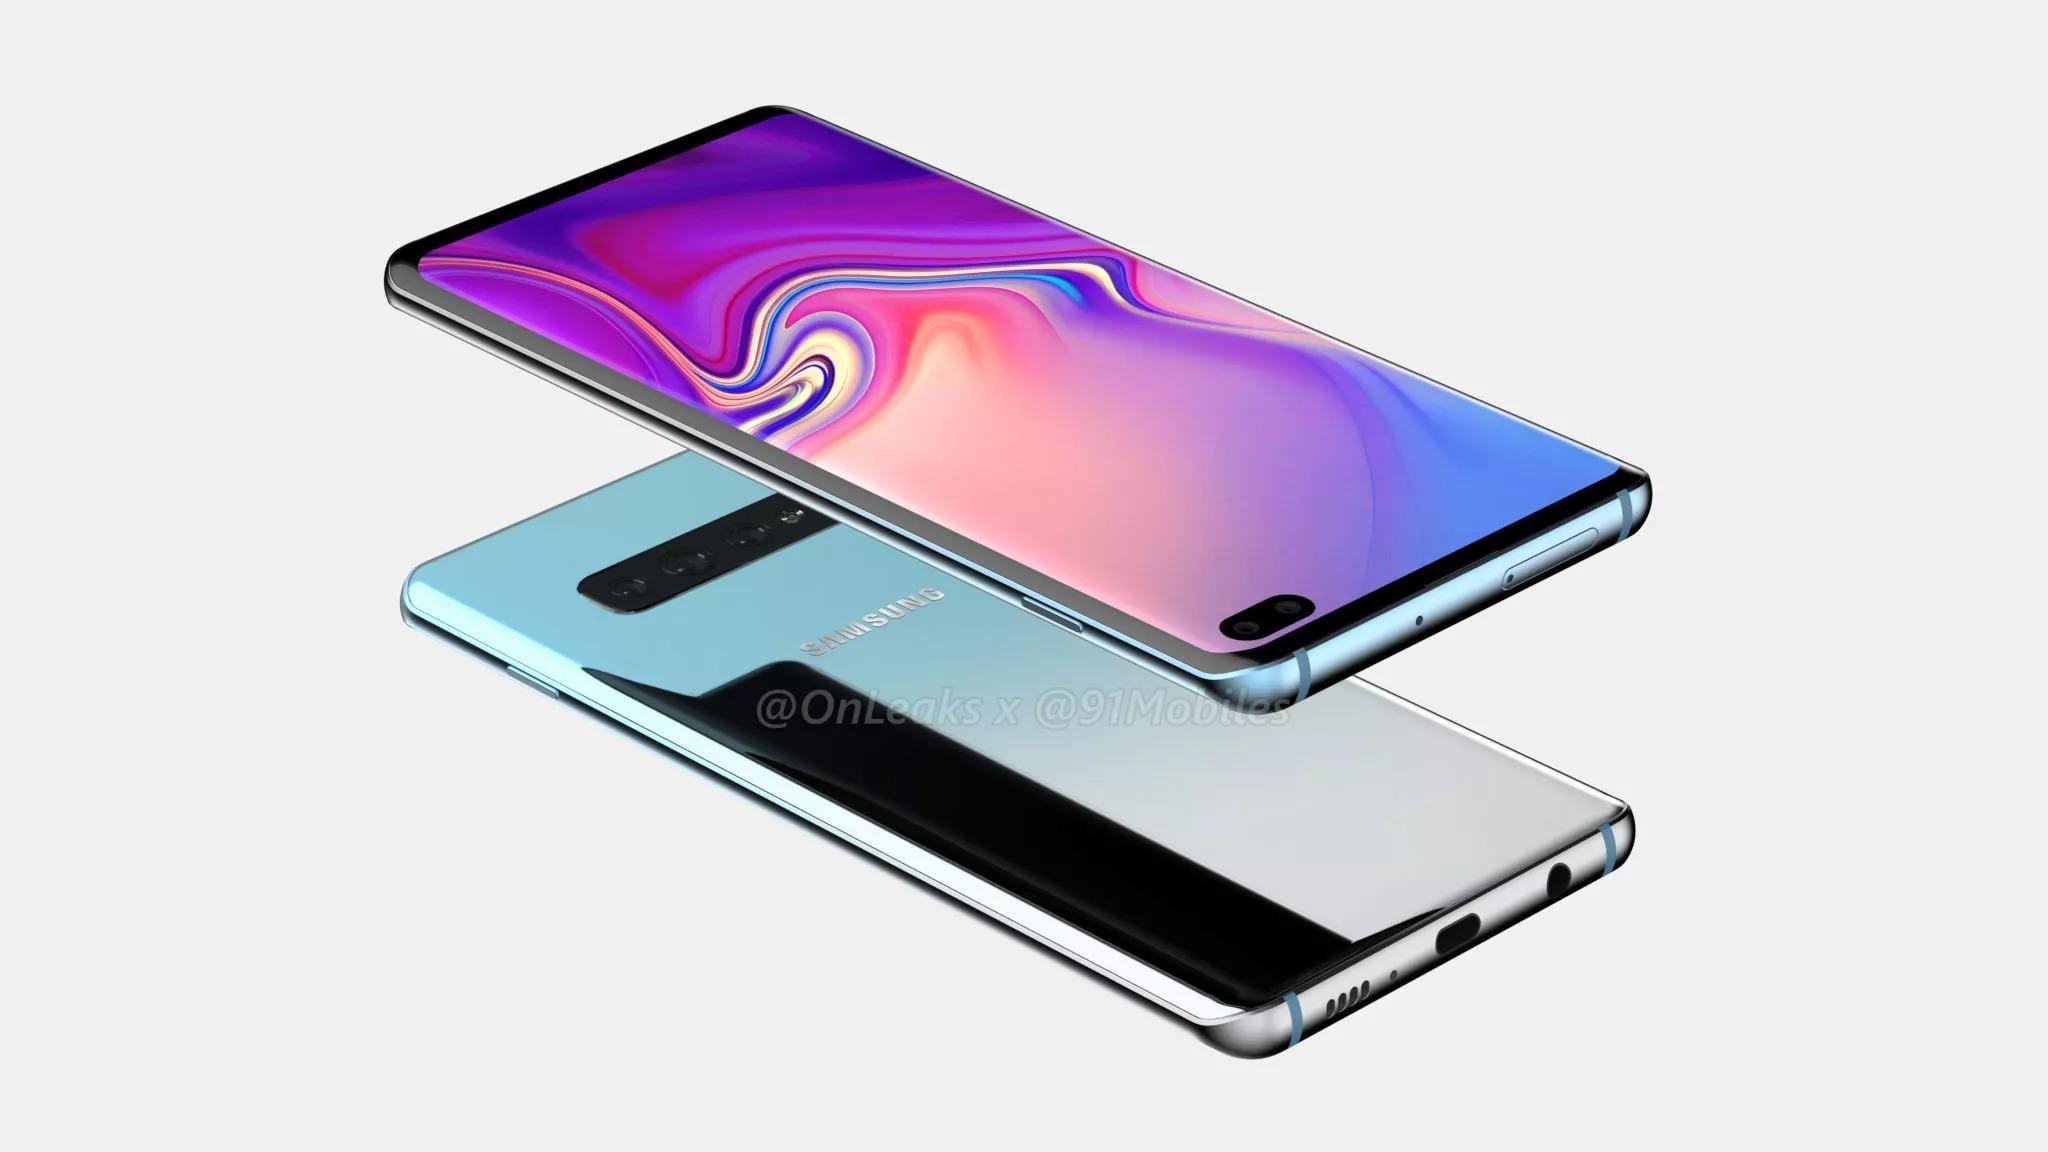 Samsung Galaxy S10 et LG G8 : 2019 devrait être l'année des haut-parleurs intégrés à l'écran